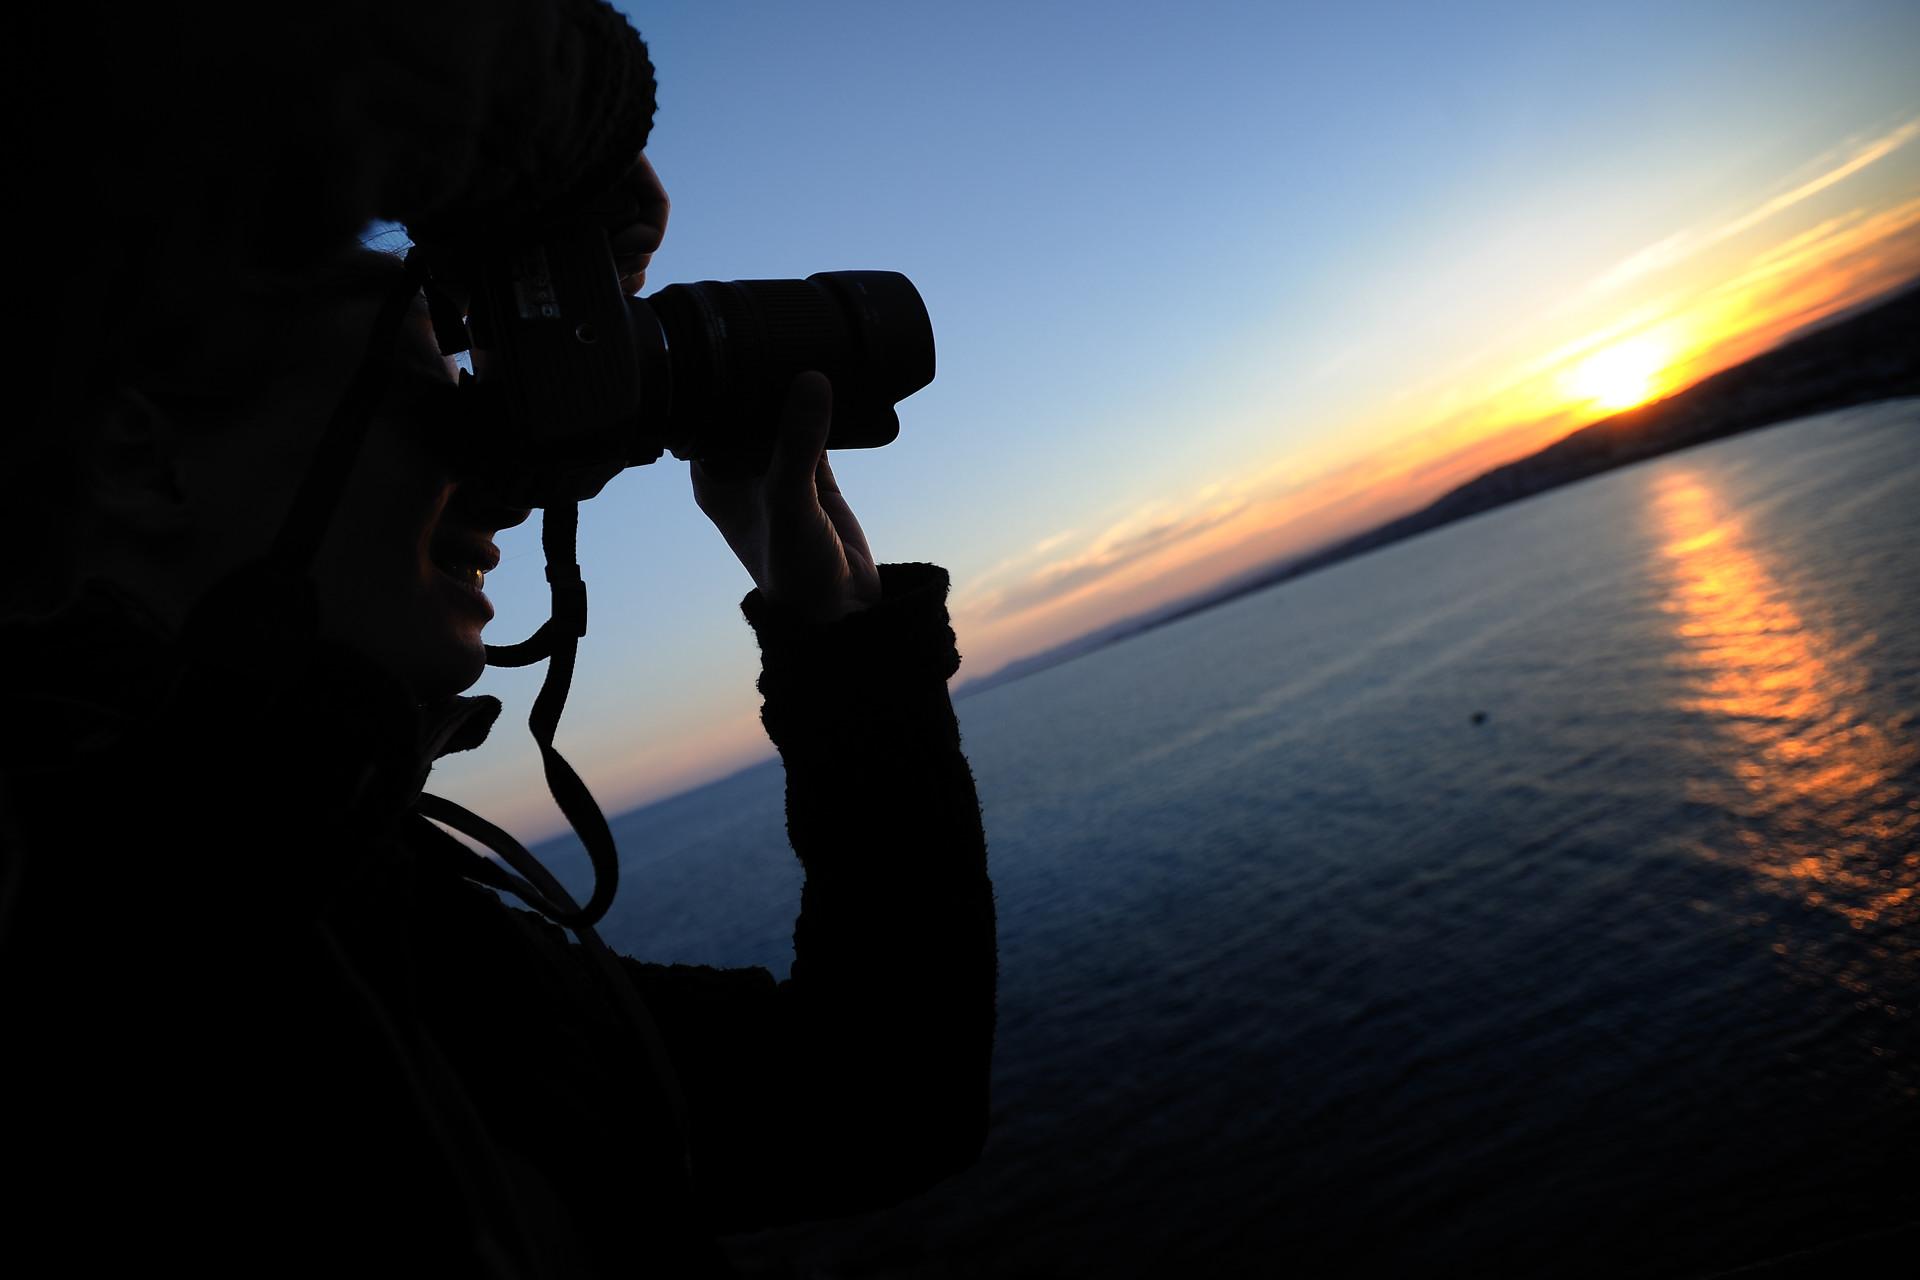 bts photographie : Les diverses méthodes dans la photographie